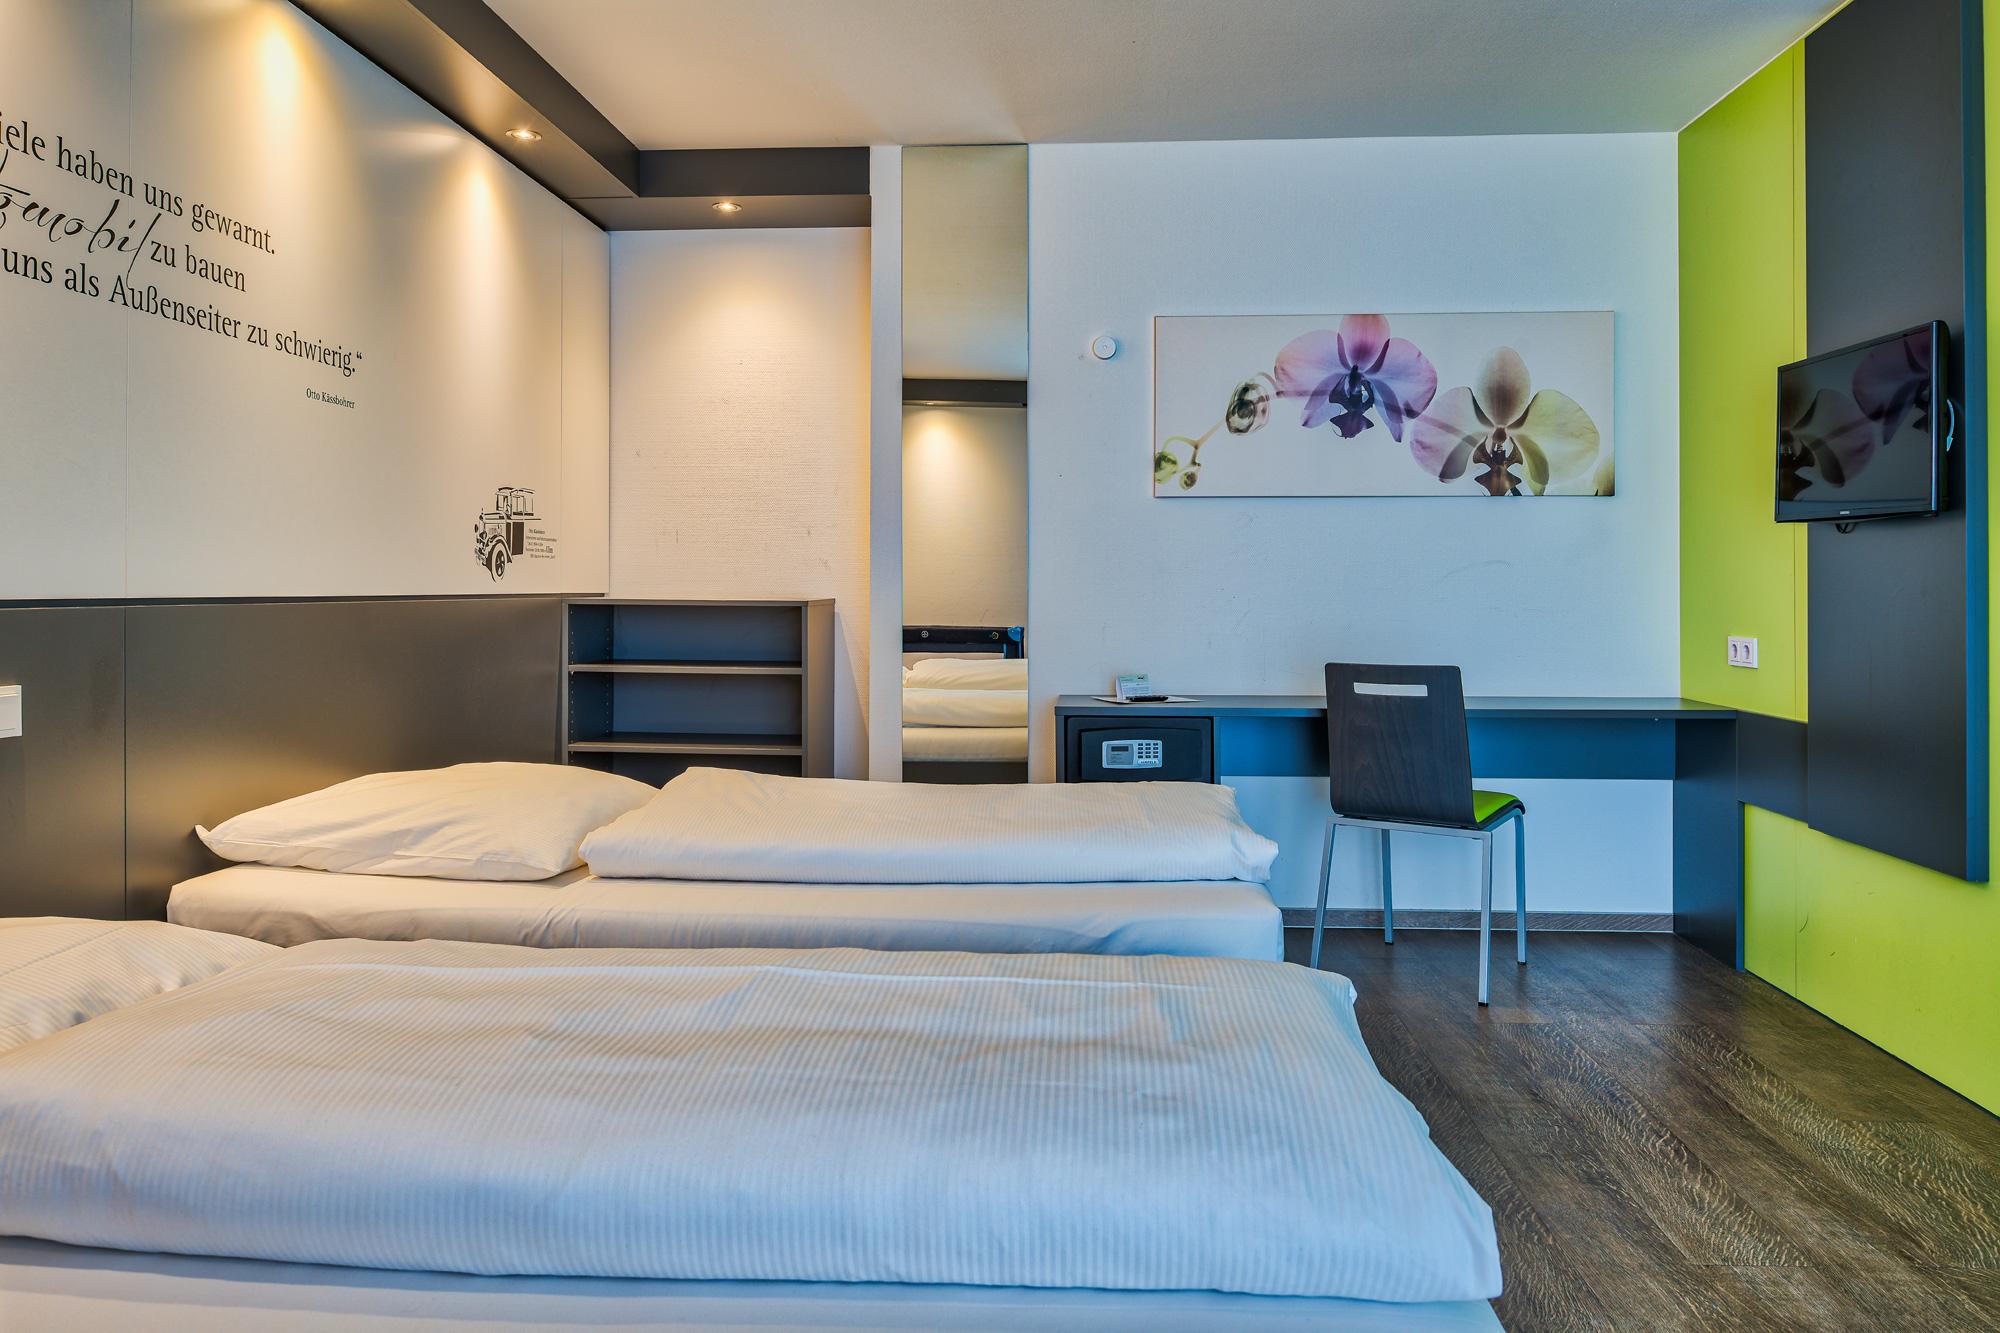 doppelzimmer economy- hotel ulm